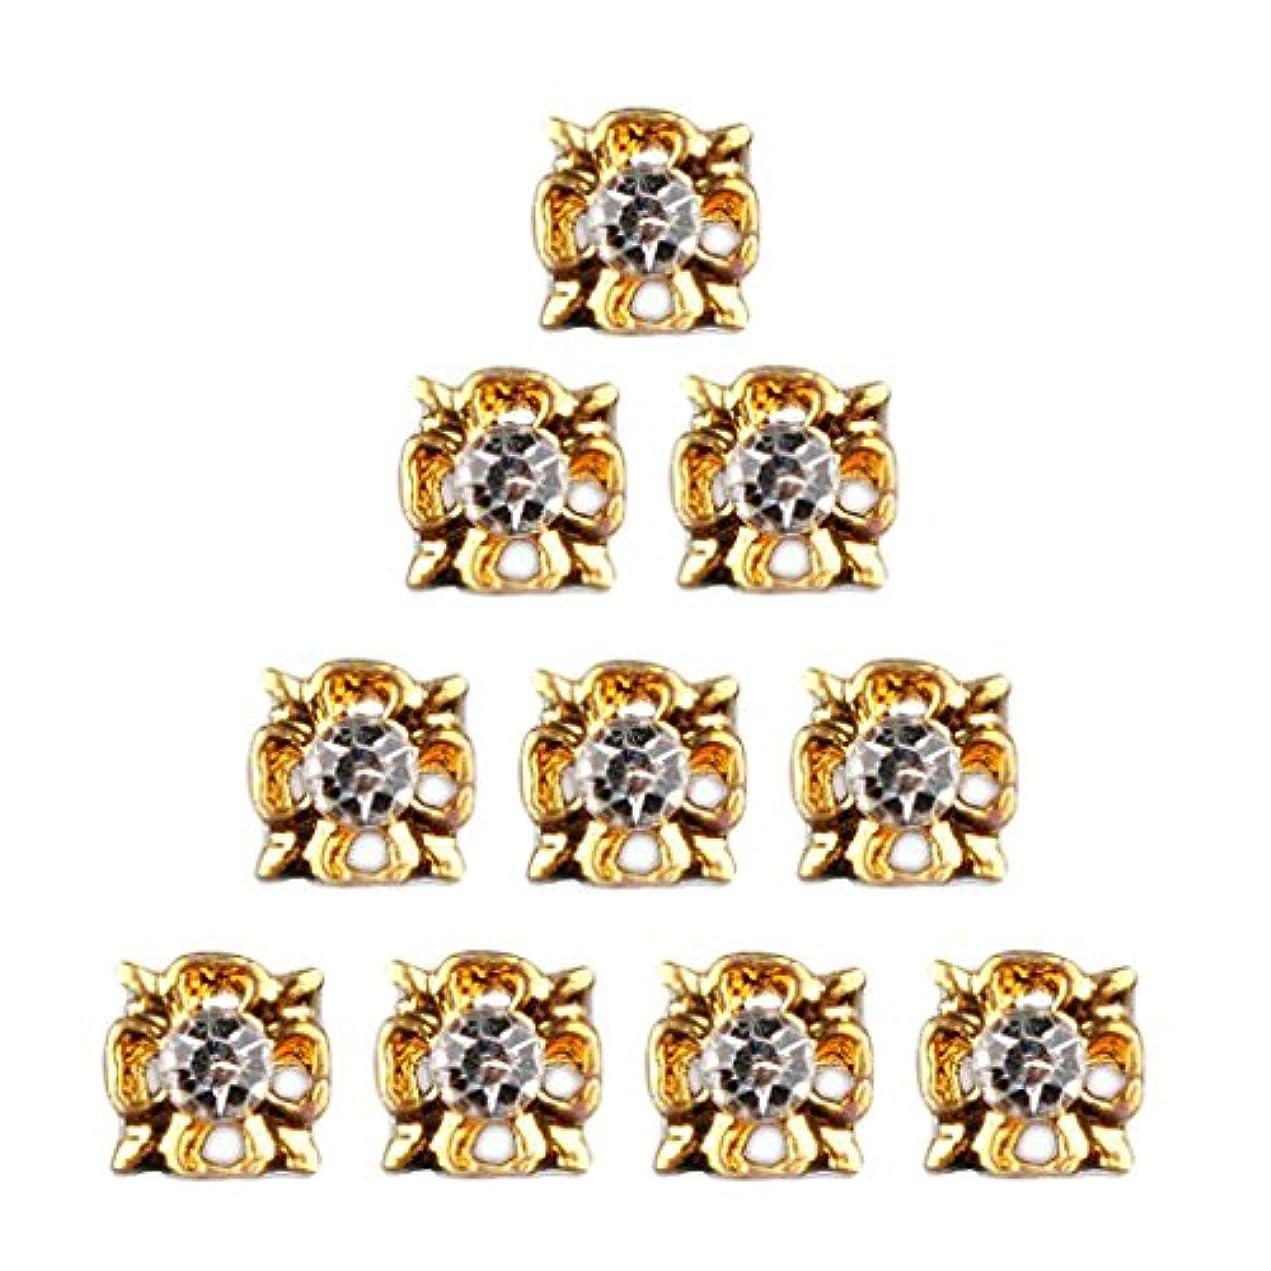 付与バラバラにするゴネリルネイルアート ダイヤモンド ネイルデザイン 3D ヒントステッカー ネイルデコレーション 全8種類 - 4